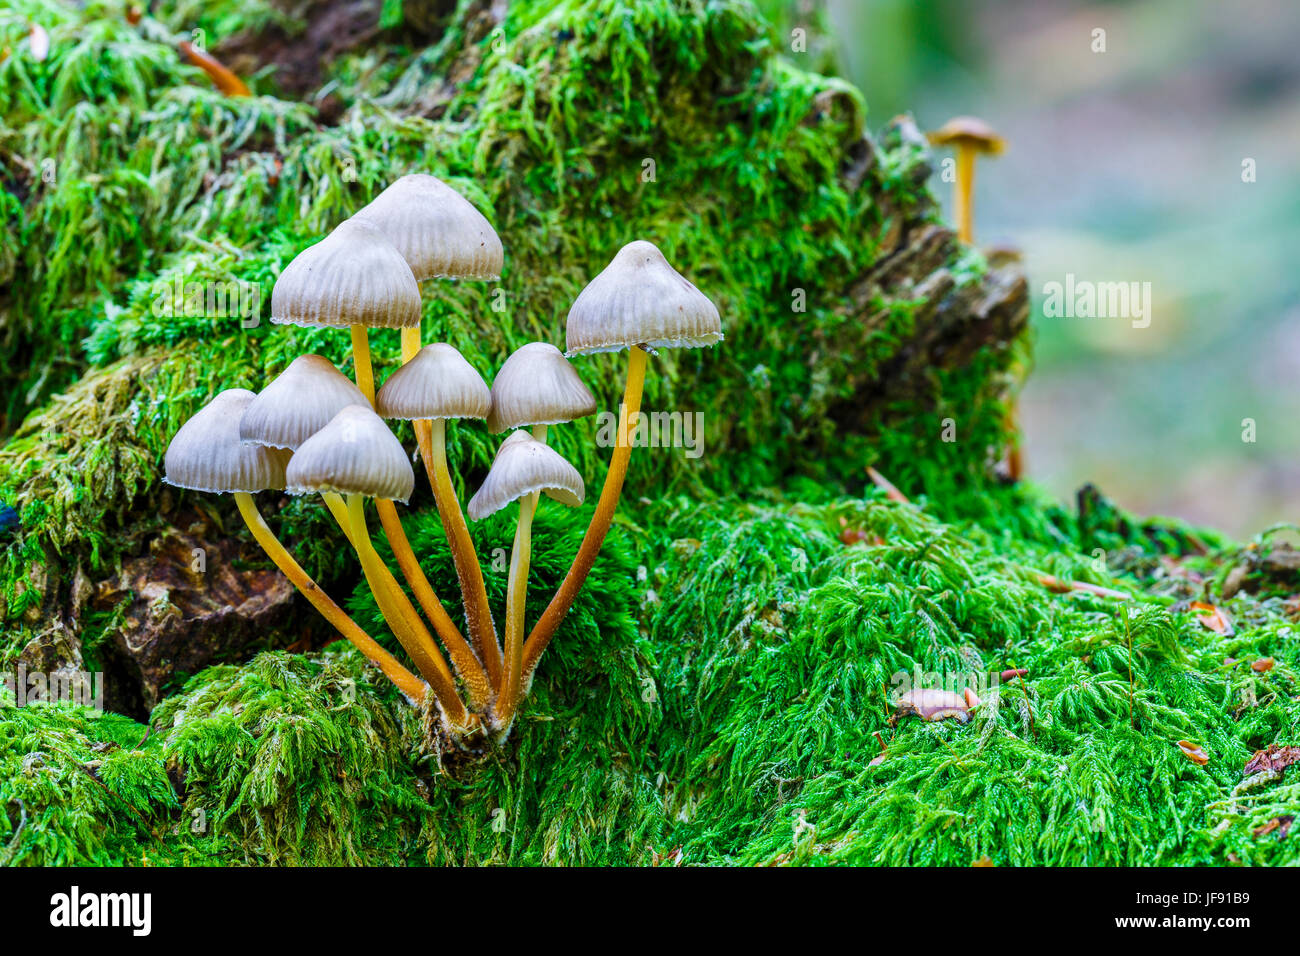 Beautiful bonnet mushroom (Mycena renati). - Stock Image